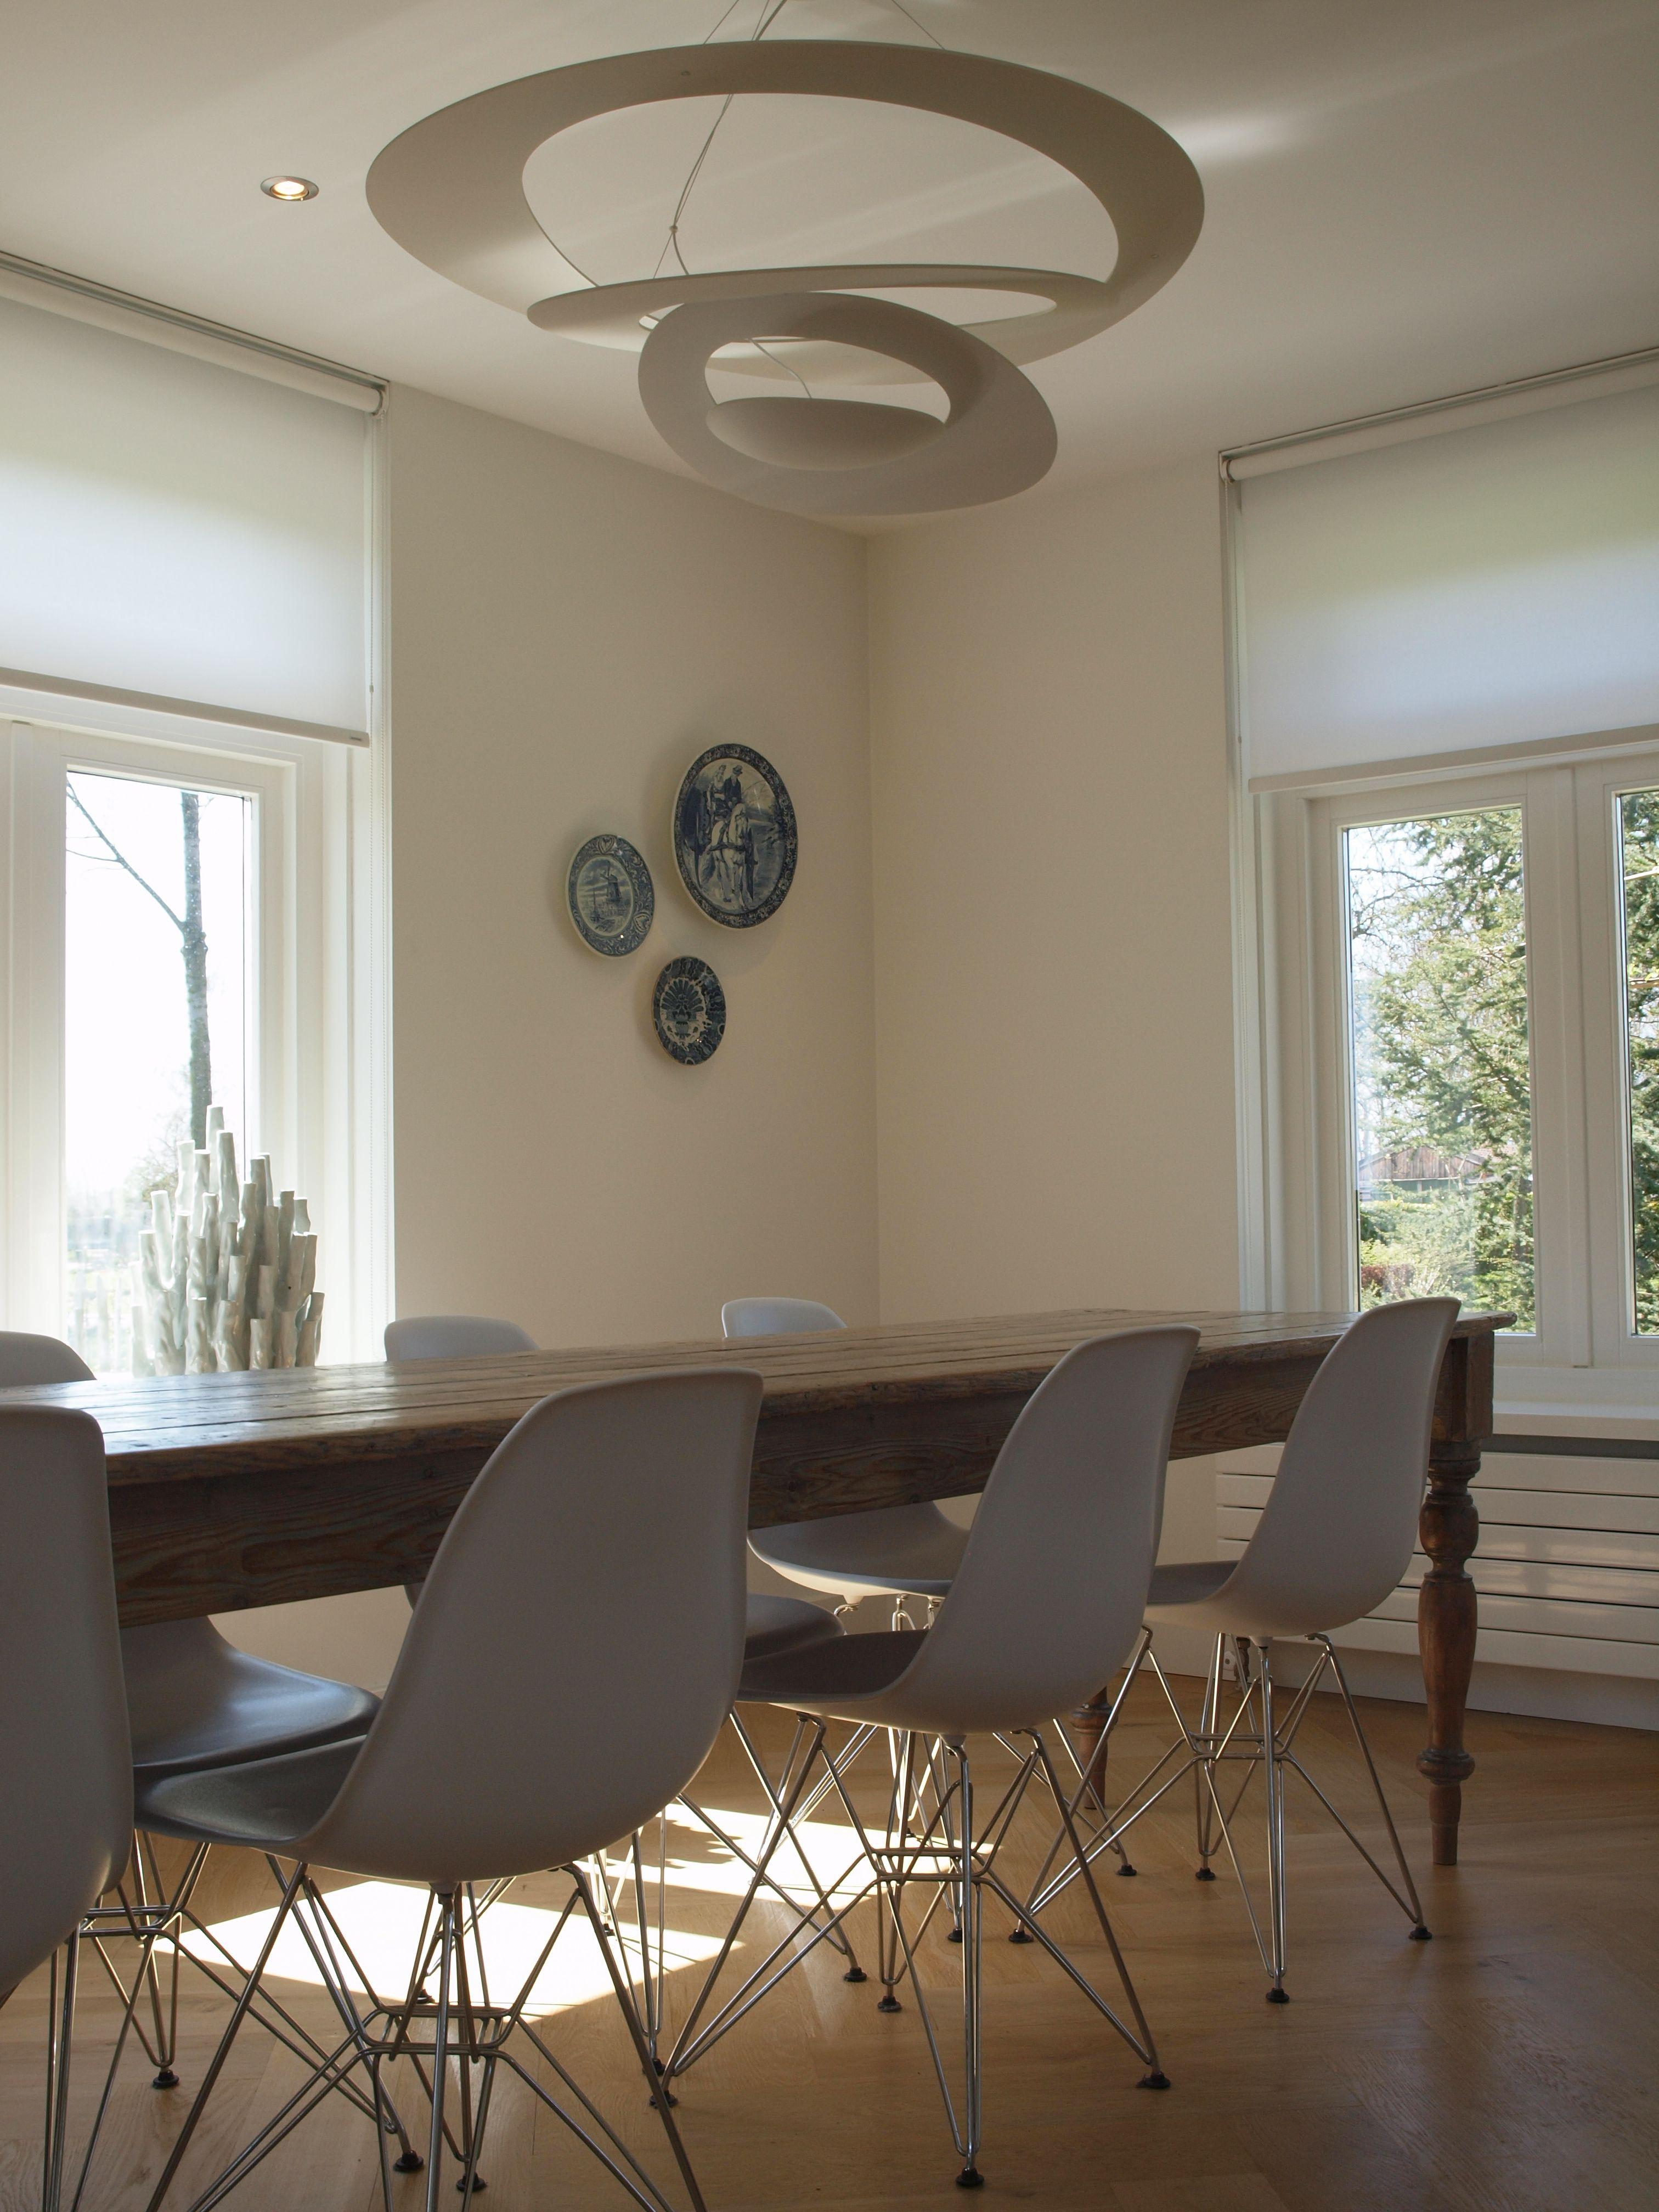 Moderne Stoelen Bij Antieke Tafel.Interieurontwerp Eethoek Antieke Eettafel Met Design Stoelen En